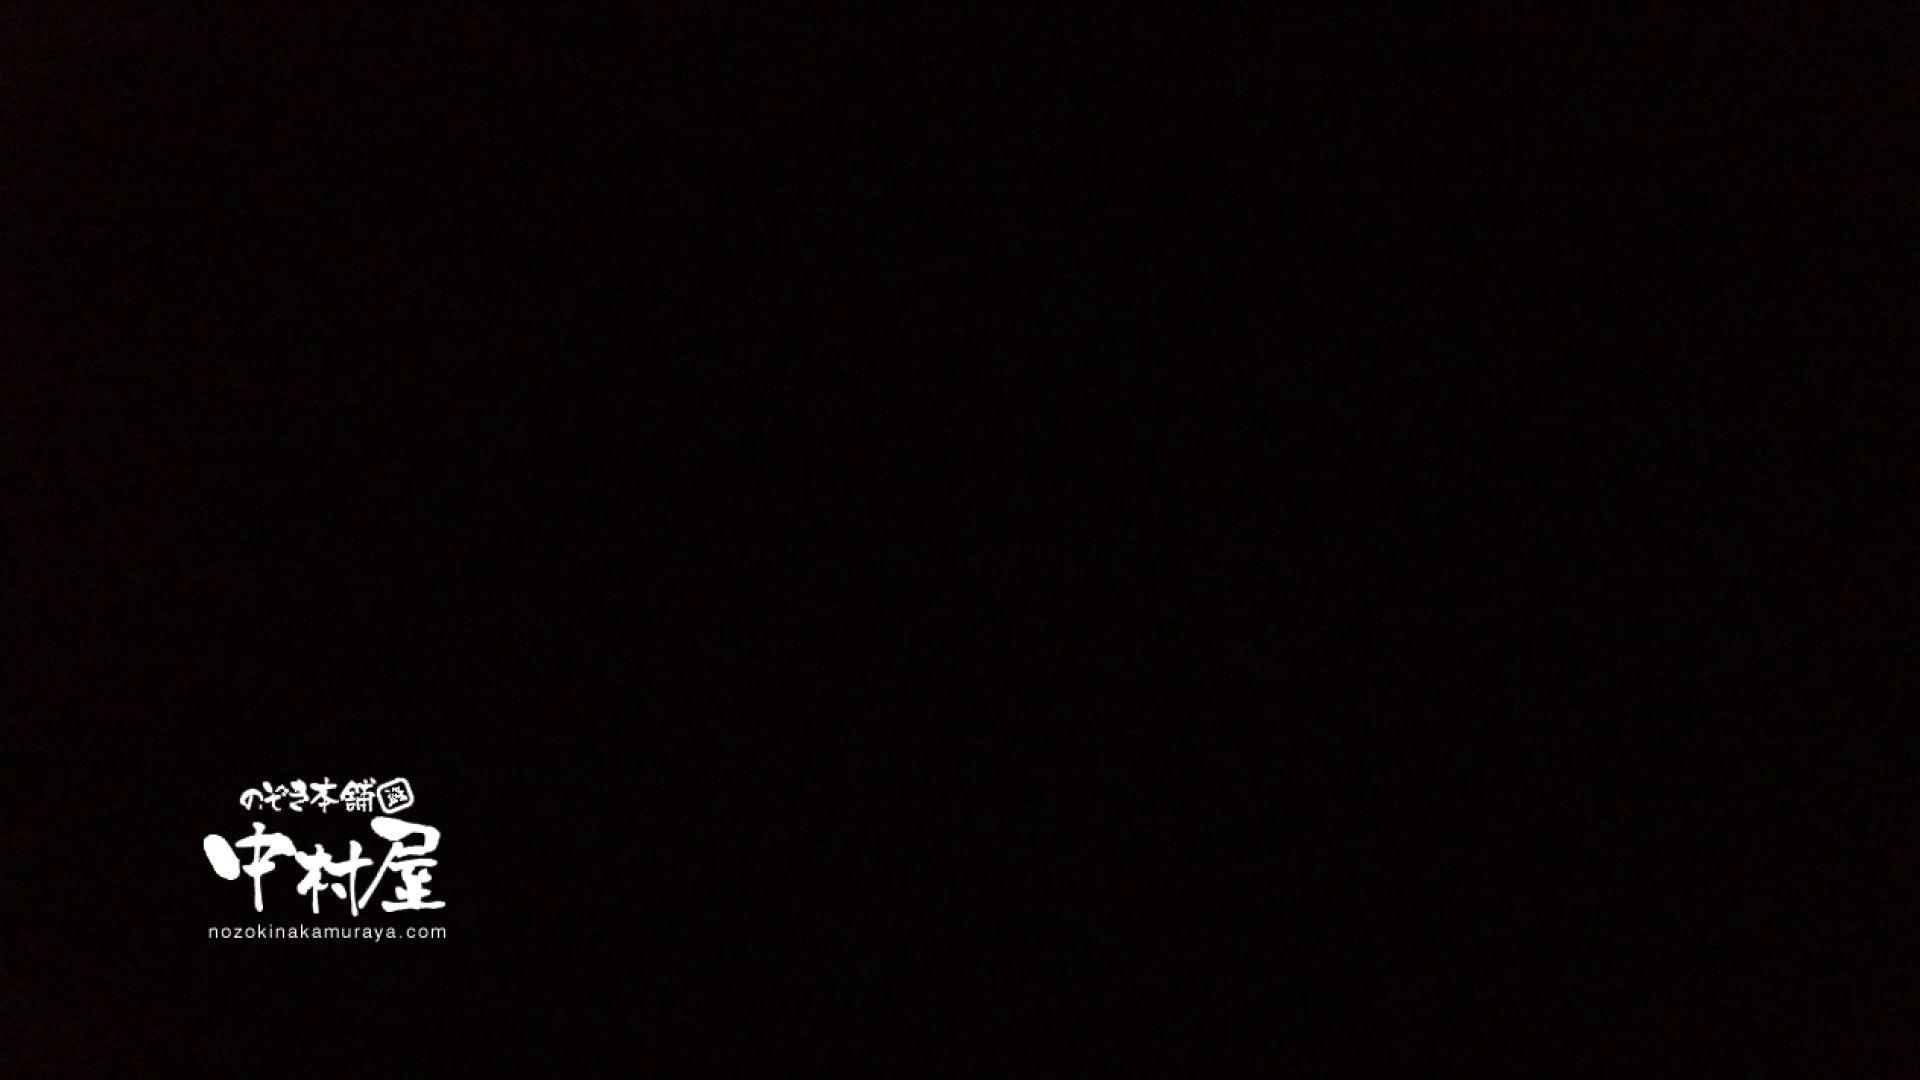 鬼畜 vol.10 あぁ無情…中出しパイパン! 前編 鬼畜 濡れ場動画紹介 101連発 75